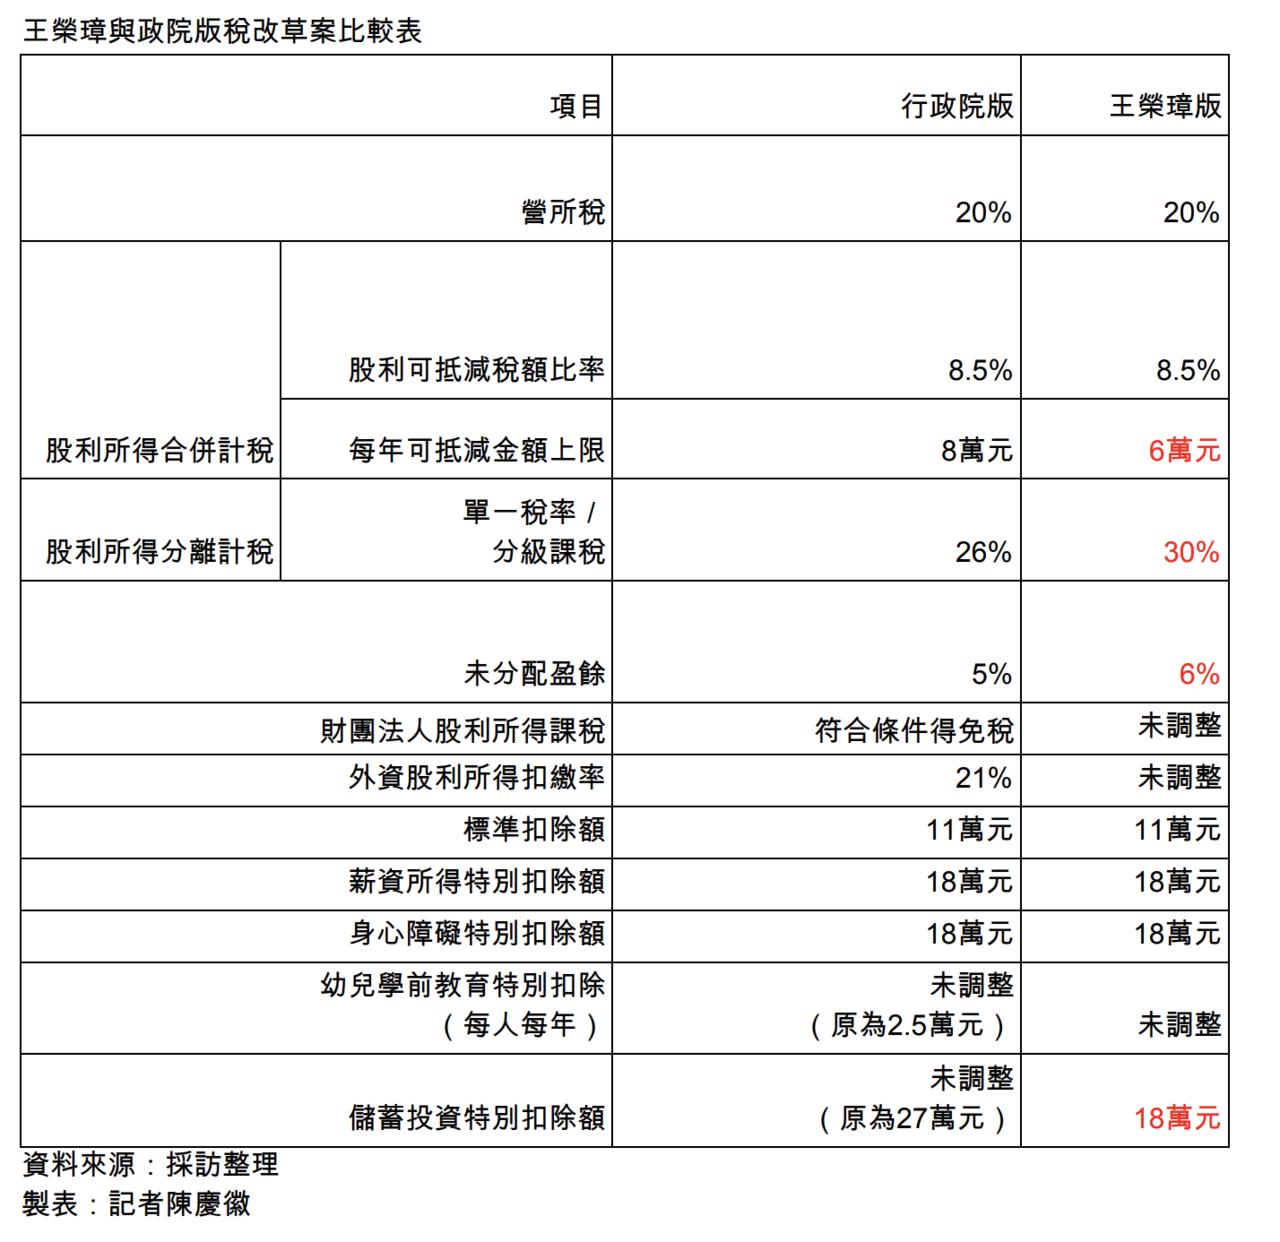 王榮璋版稅改與政院版本比較表。圖表/記者陳慶徽製。